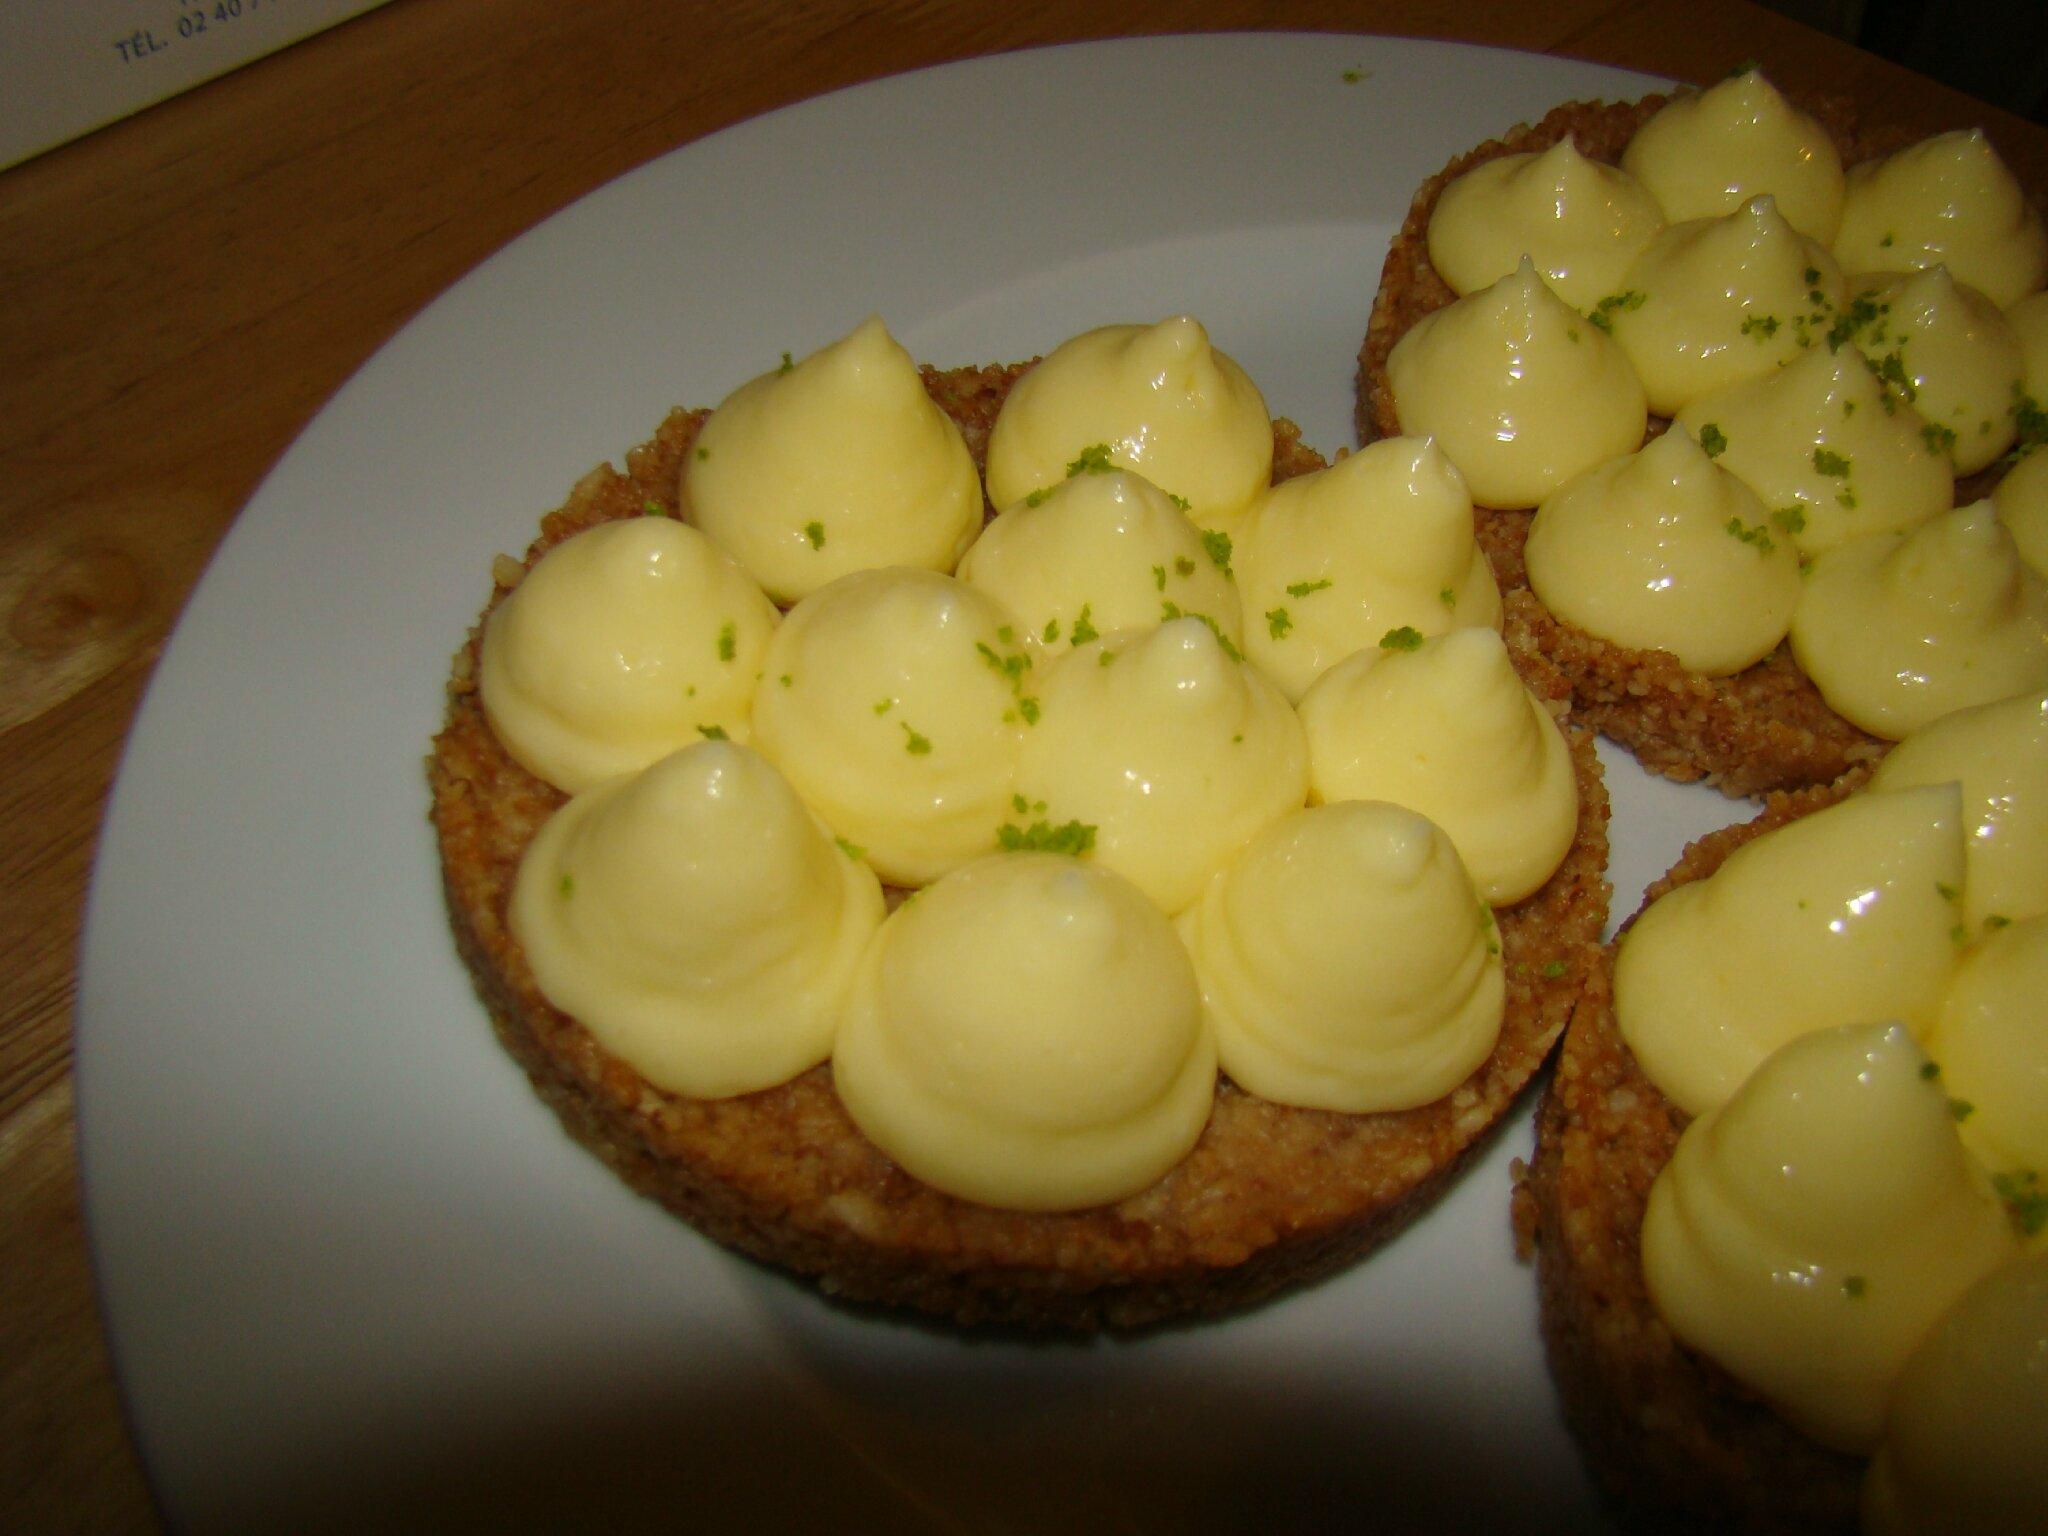 Tarte au citron fa on christophe michalak telle m re telles filles - Fond de tarte biscuit ...